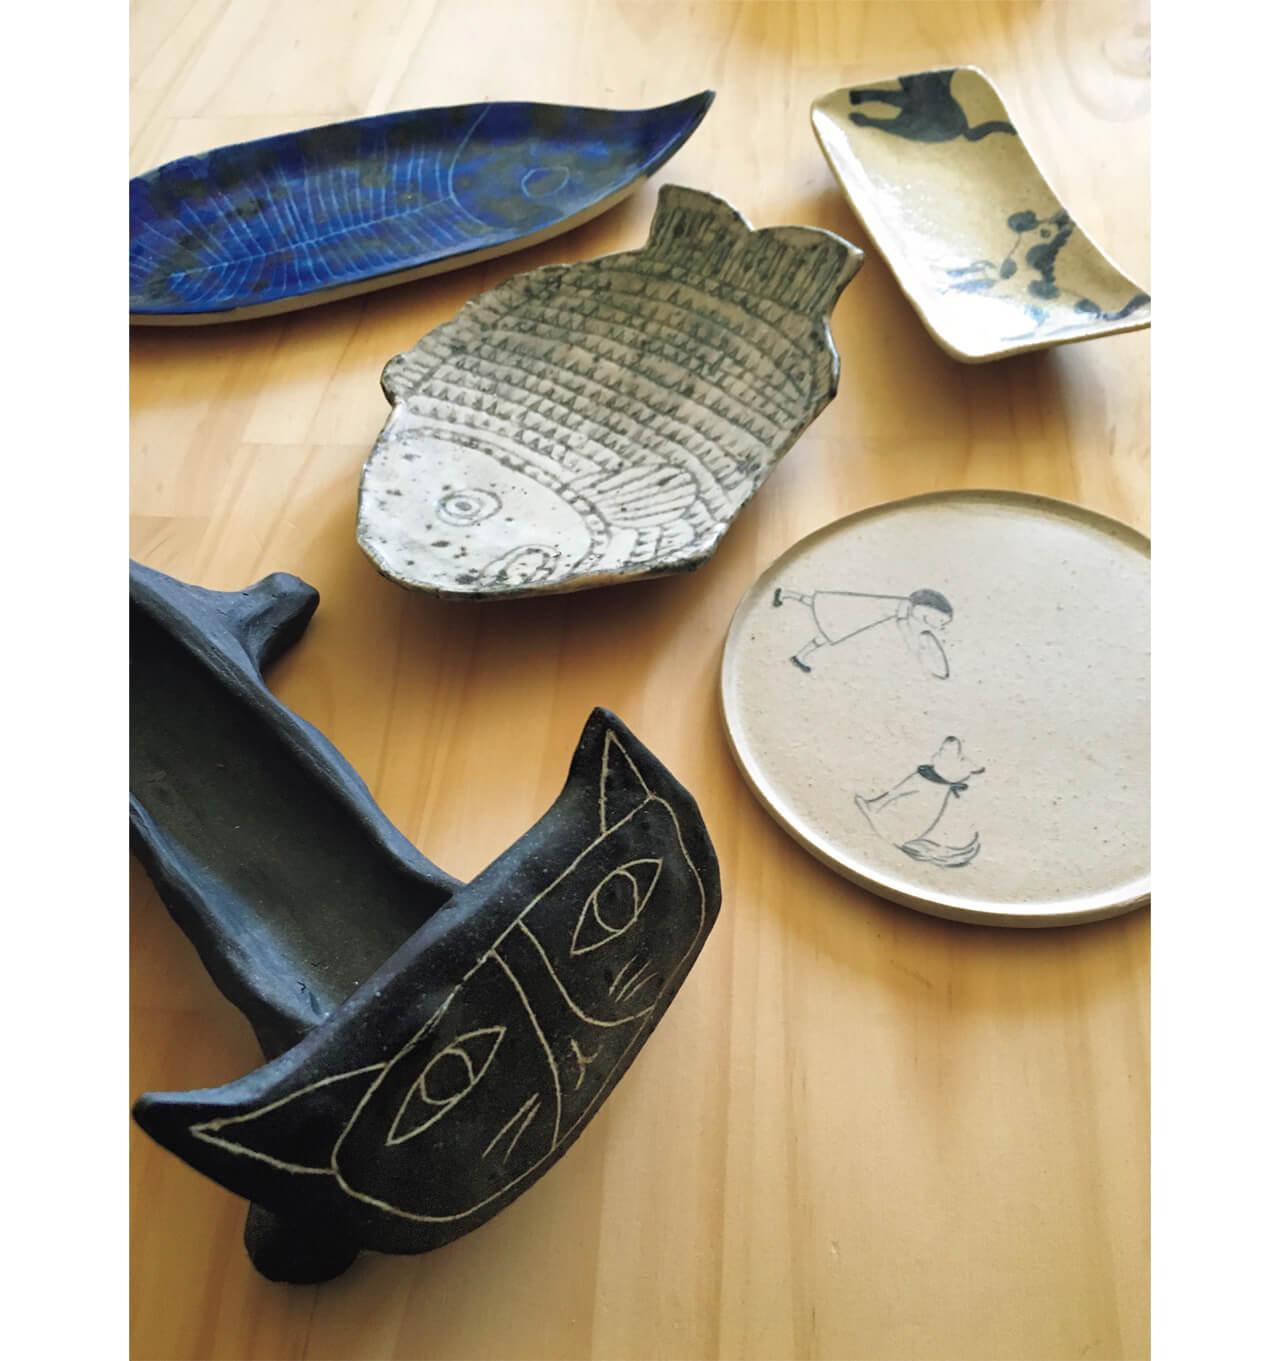 黒猫と青い魚の器はニューヨーク郊外で制作活動をしているパウラ・グレイフさんの作品